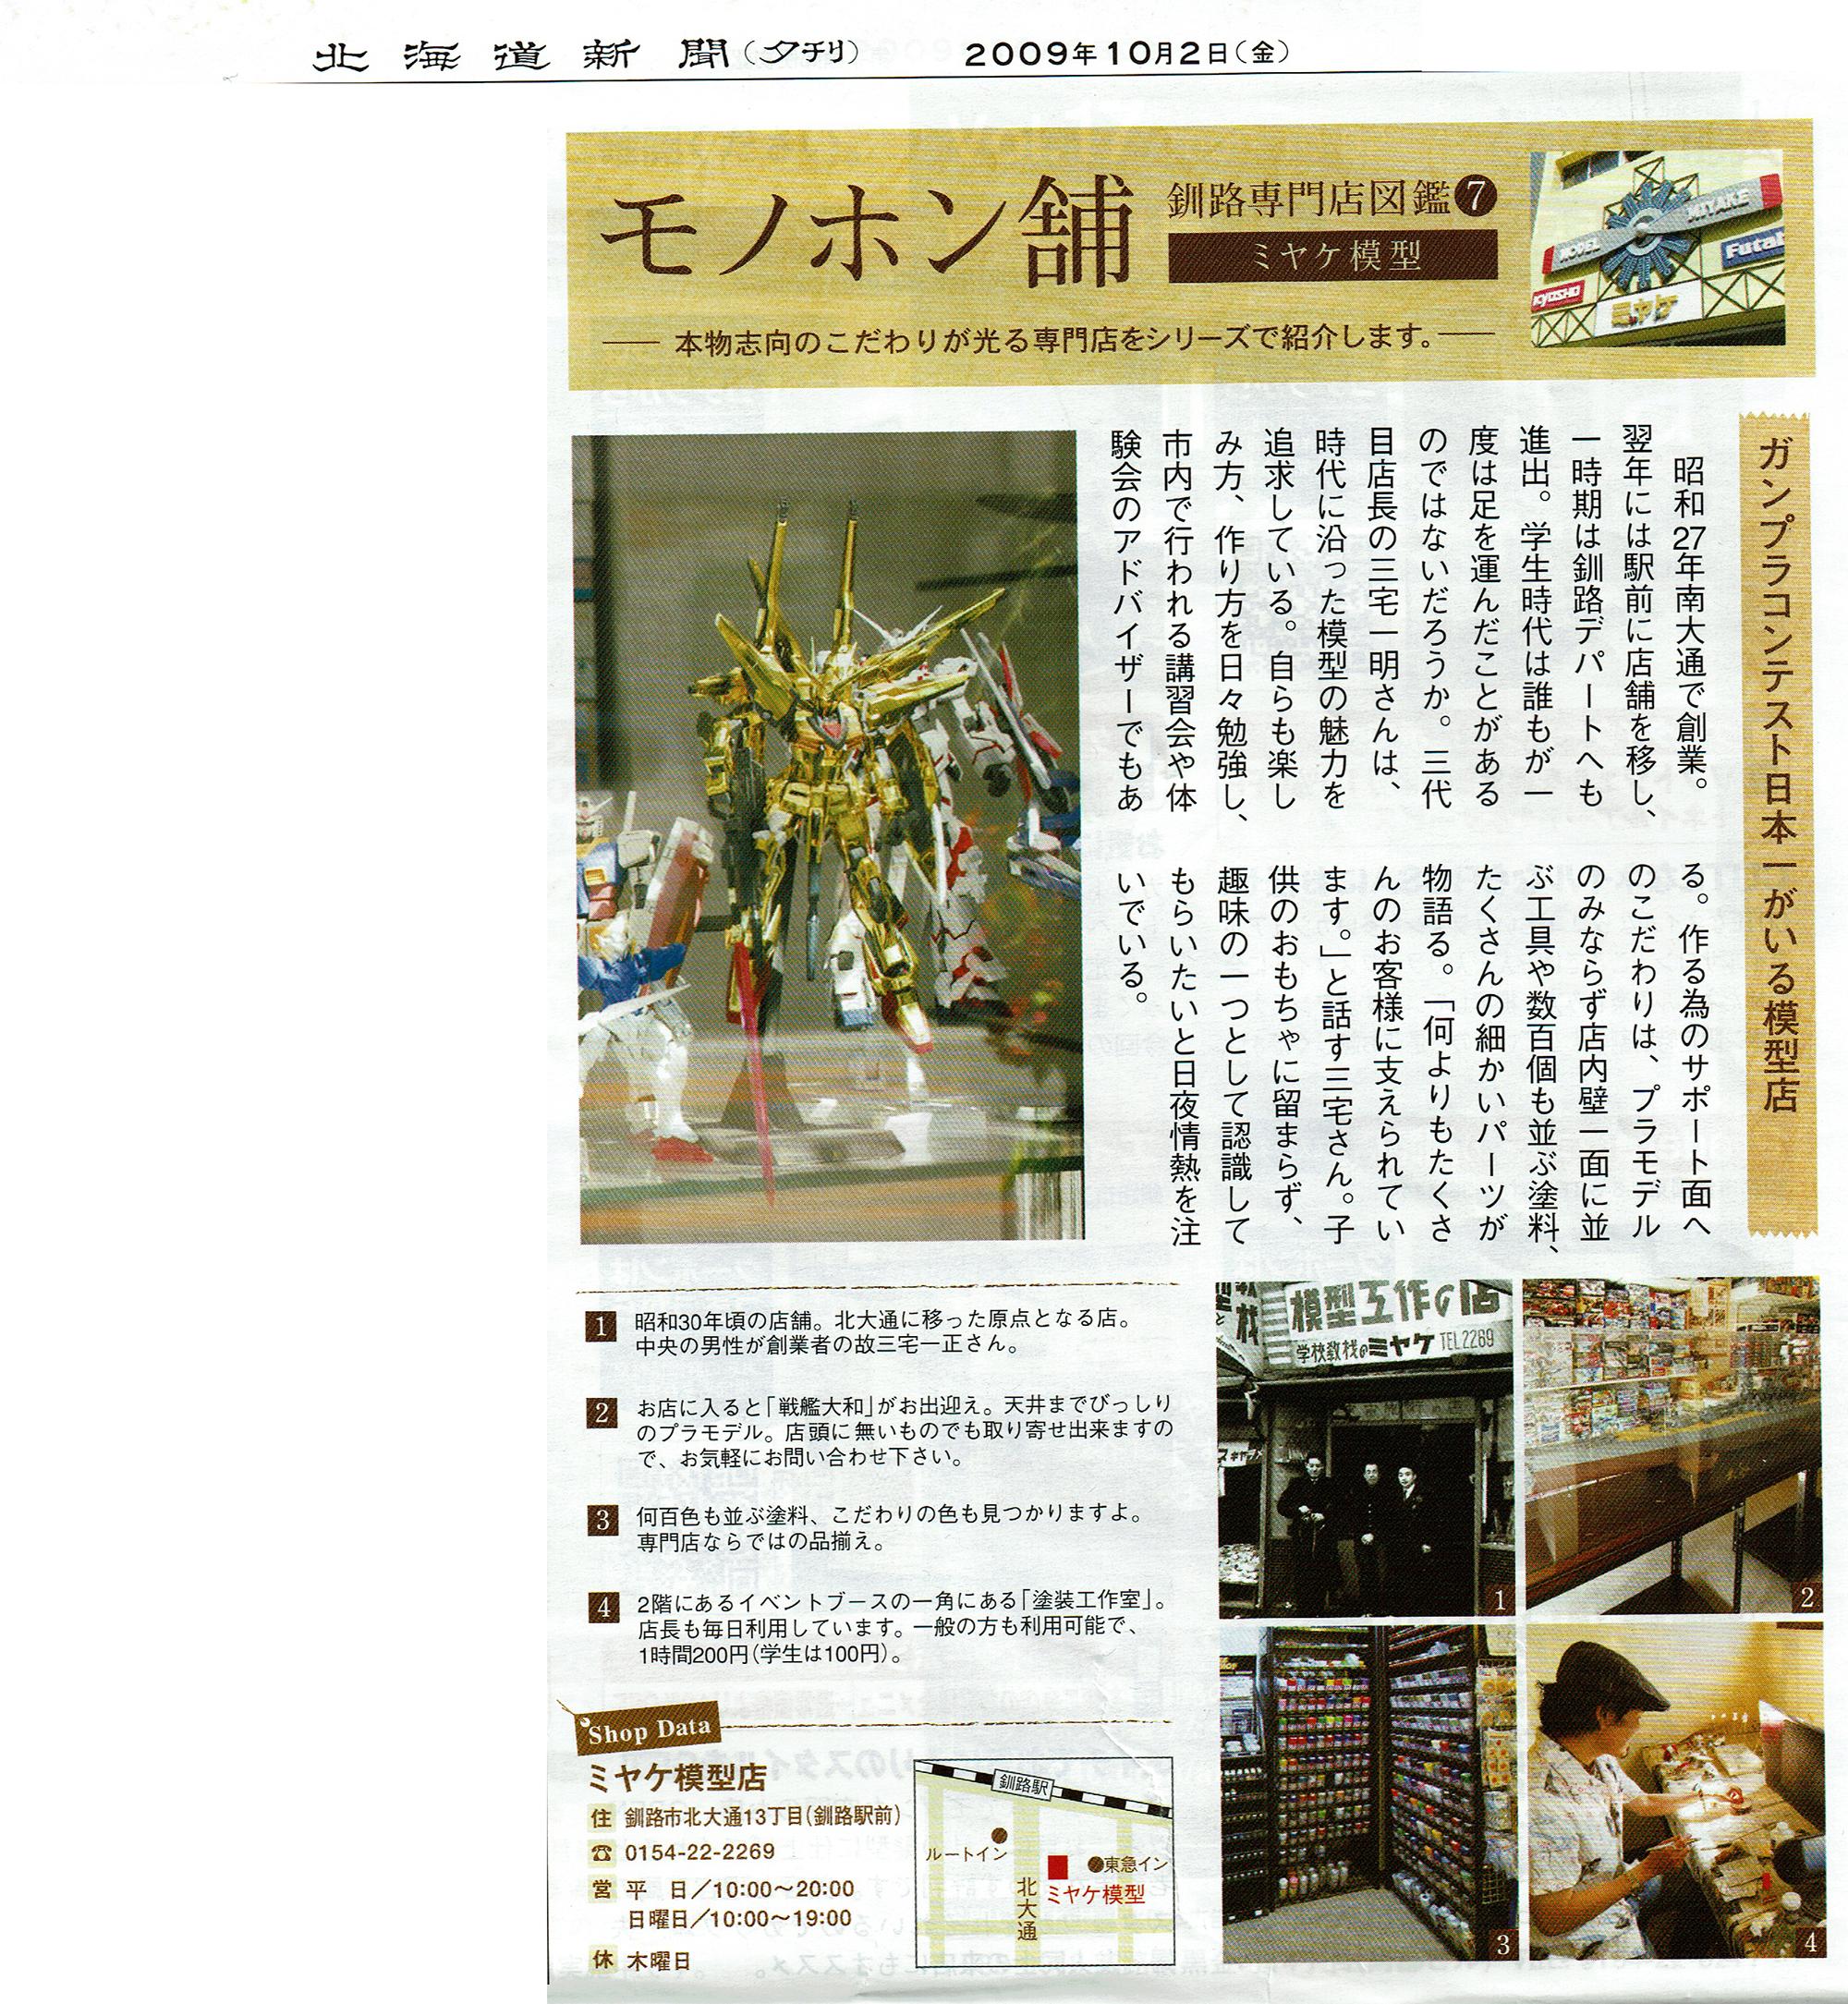 2009-10-2北海道新聞夕刊